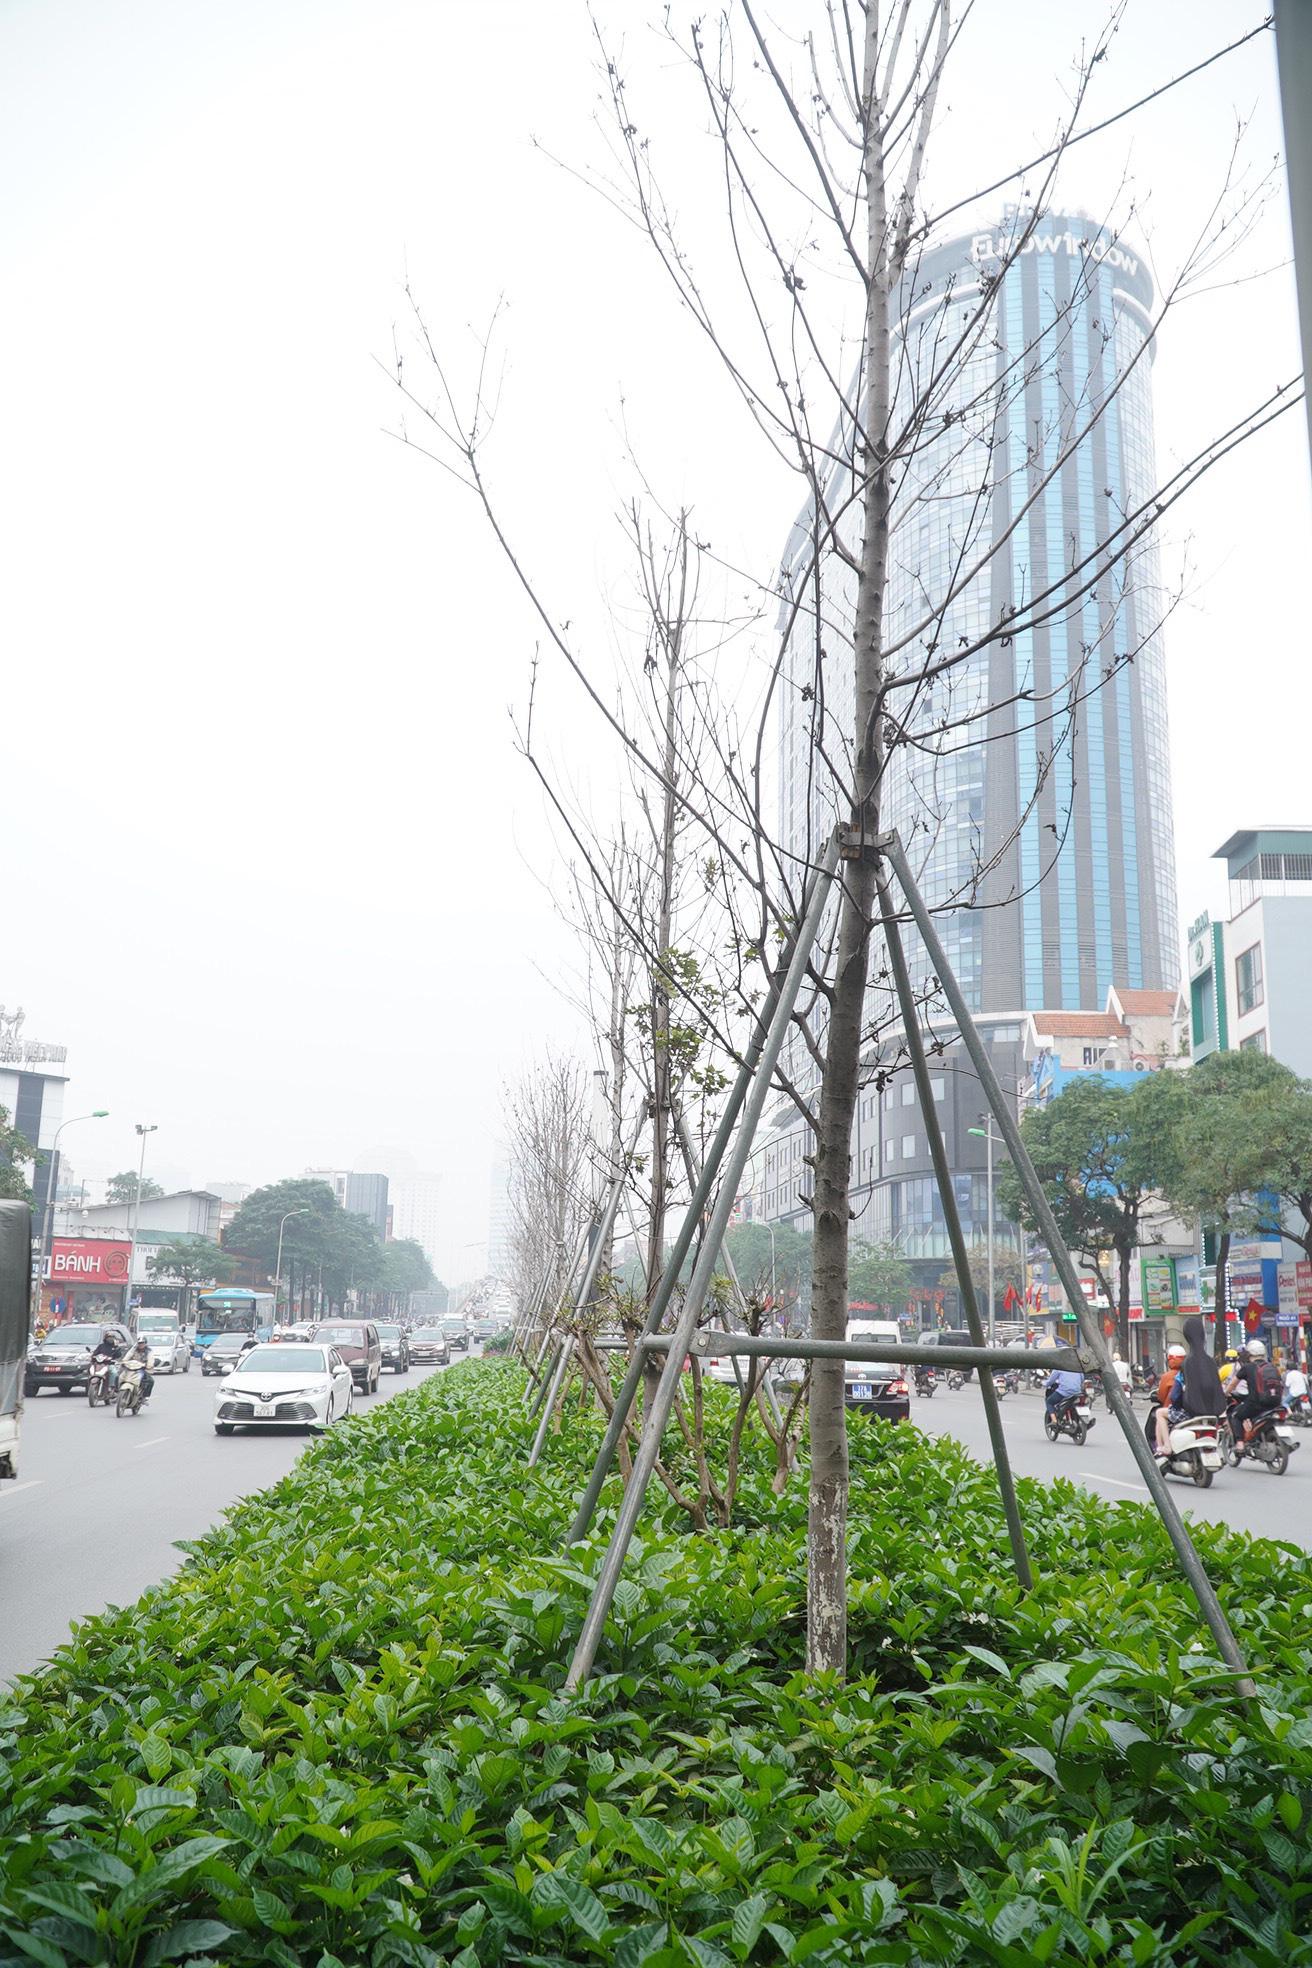 Công ty cây xanh nói gì khi trồng bàng lá nhỏ thay phong lá đỏ trên tuyến đường đẹp nhất Hà Nội? - Ảnh 2.